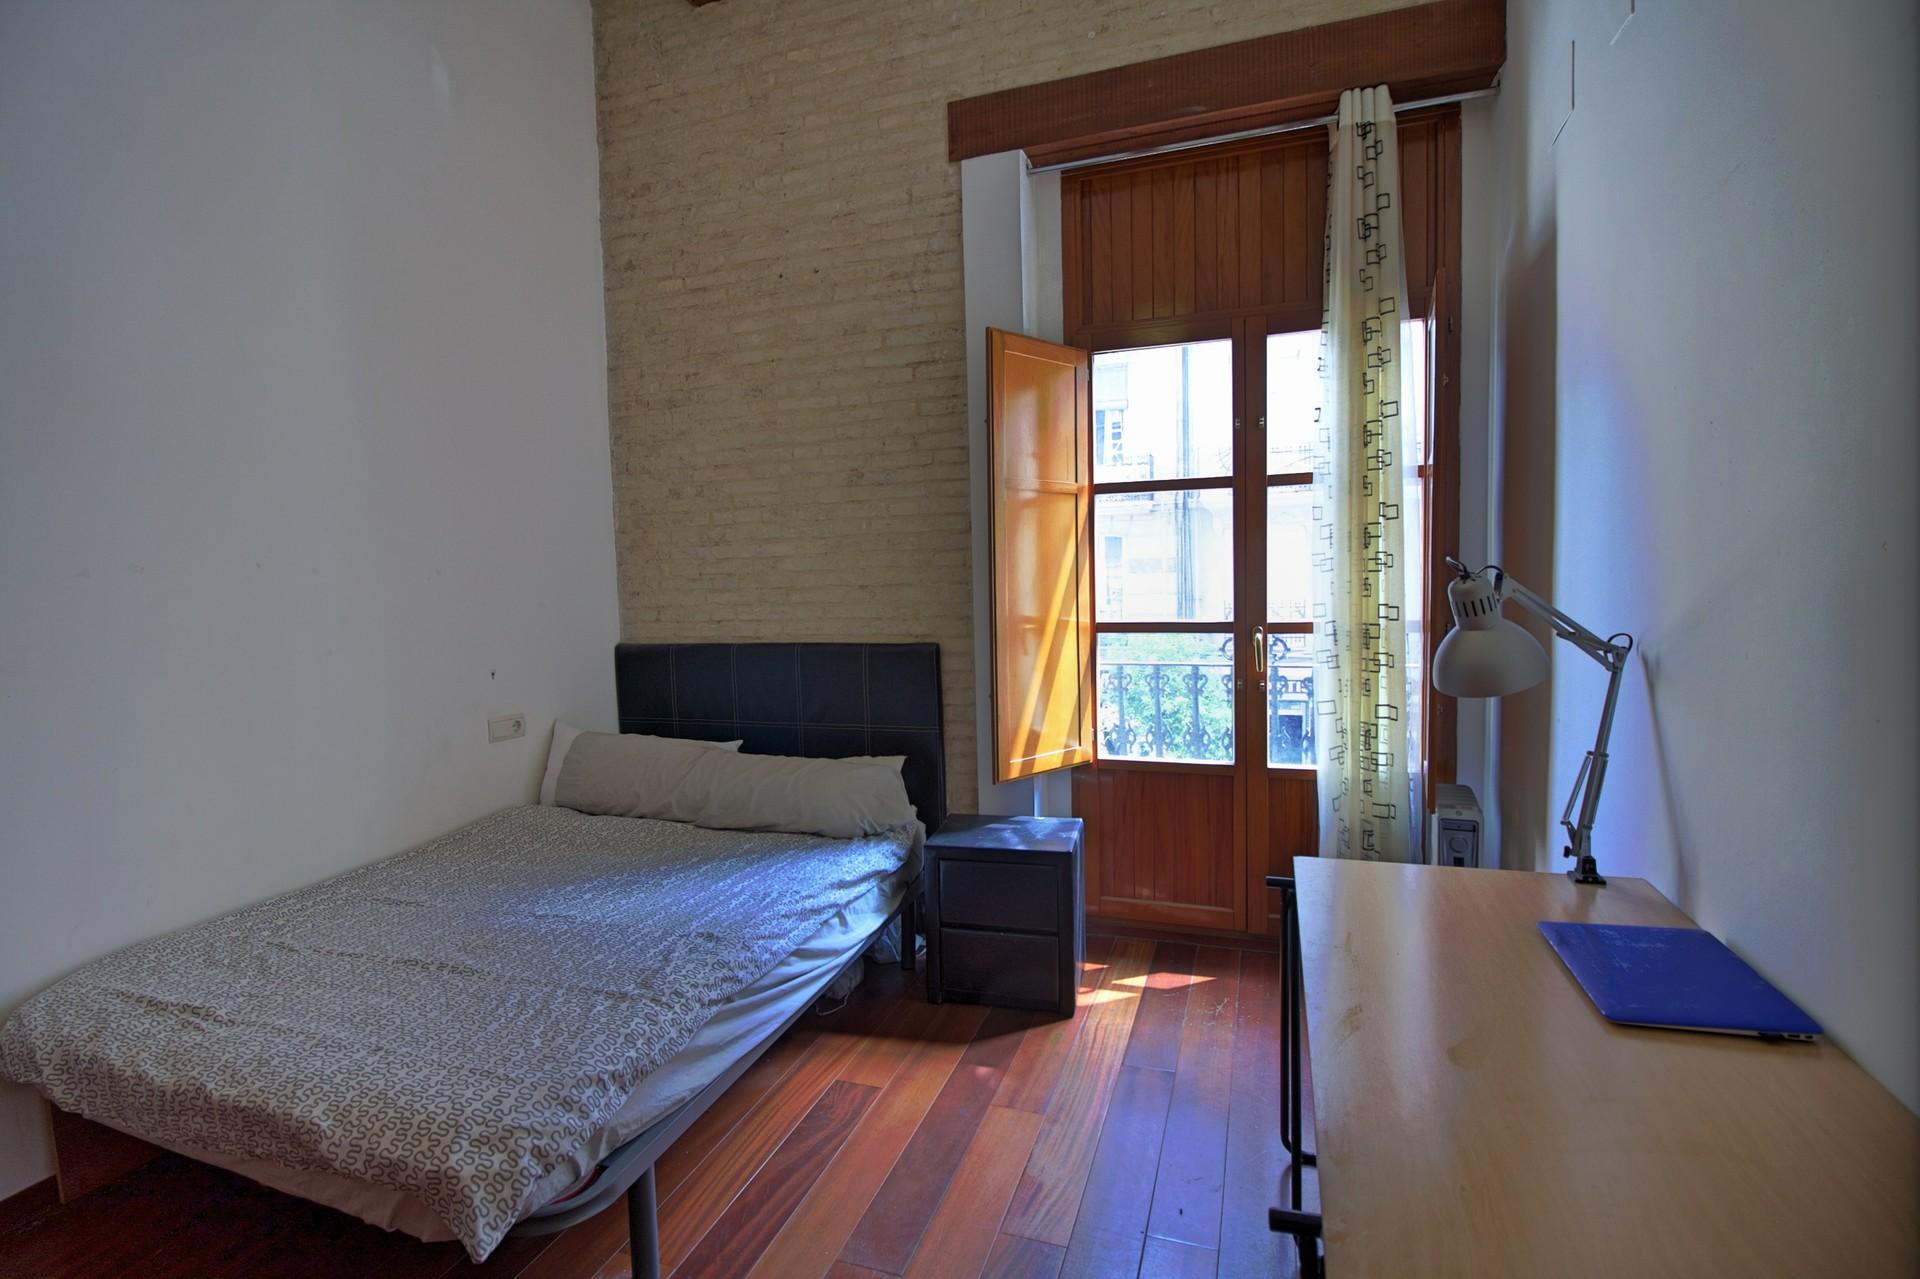 Habitaci n doble en piso de dise o en el barrio de ruzafa for Pisos 1 habitacion zaragoza